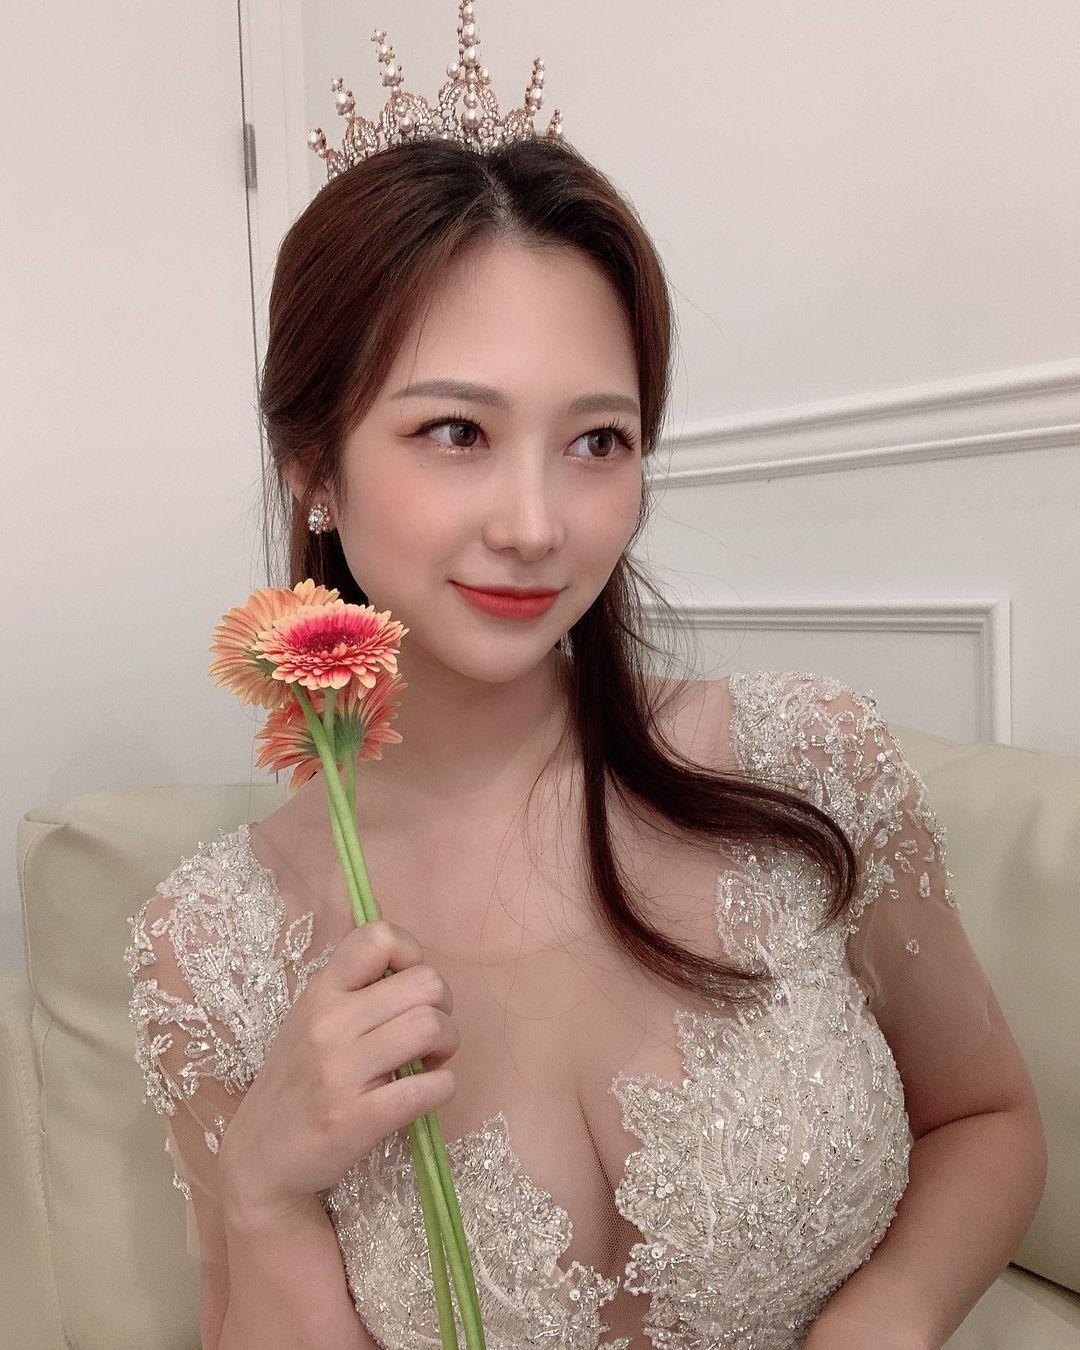 韩国漂亮小姐姐ssom2ing婚纱礼服下火辣身材